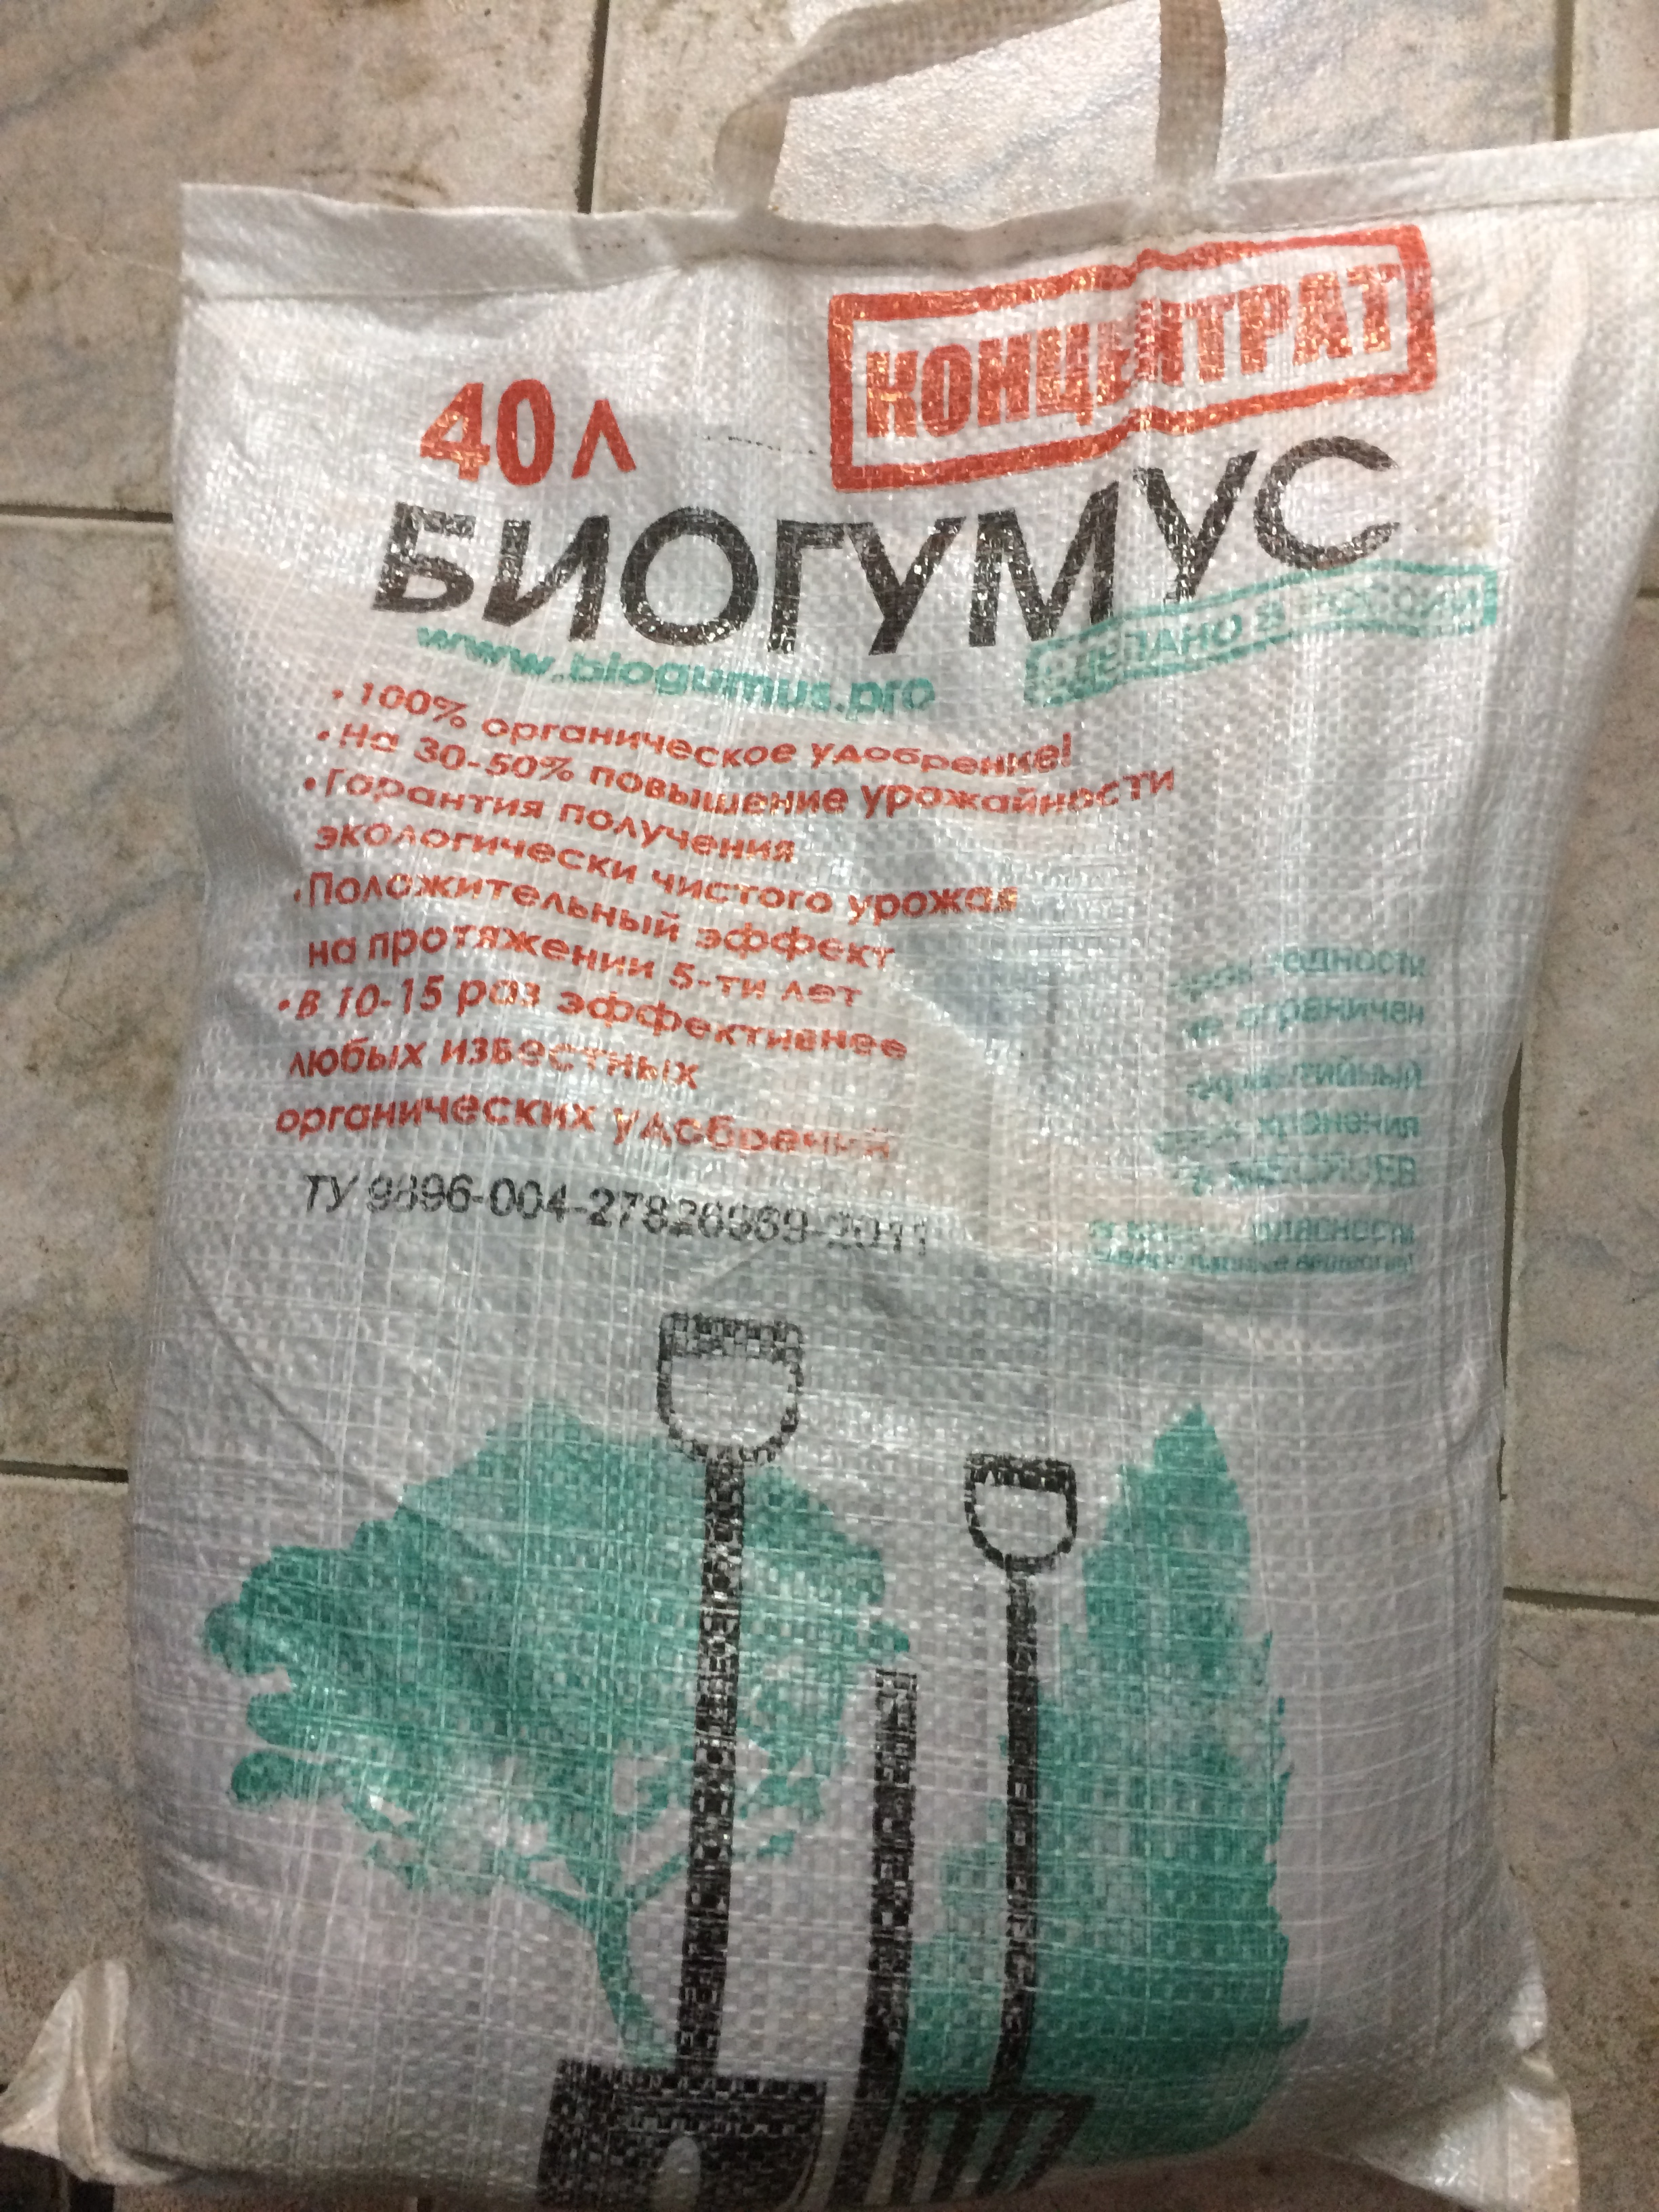 biogumus-40-l (2)